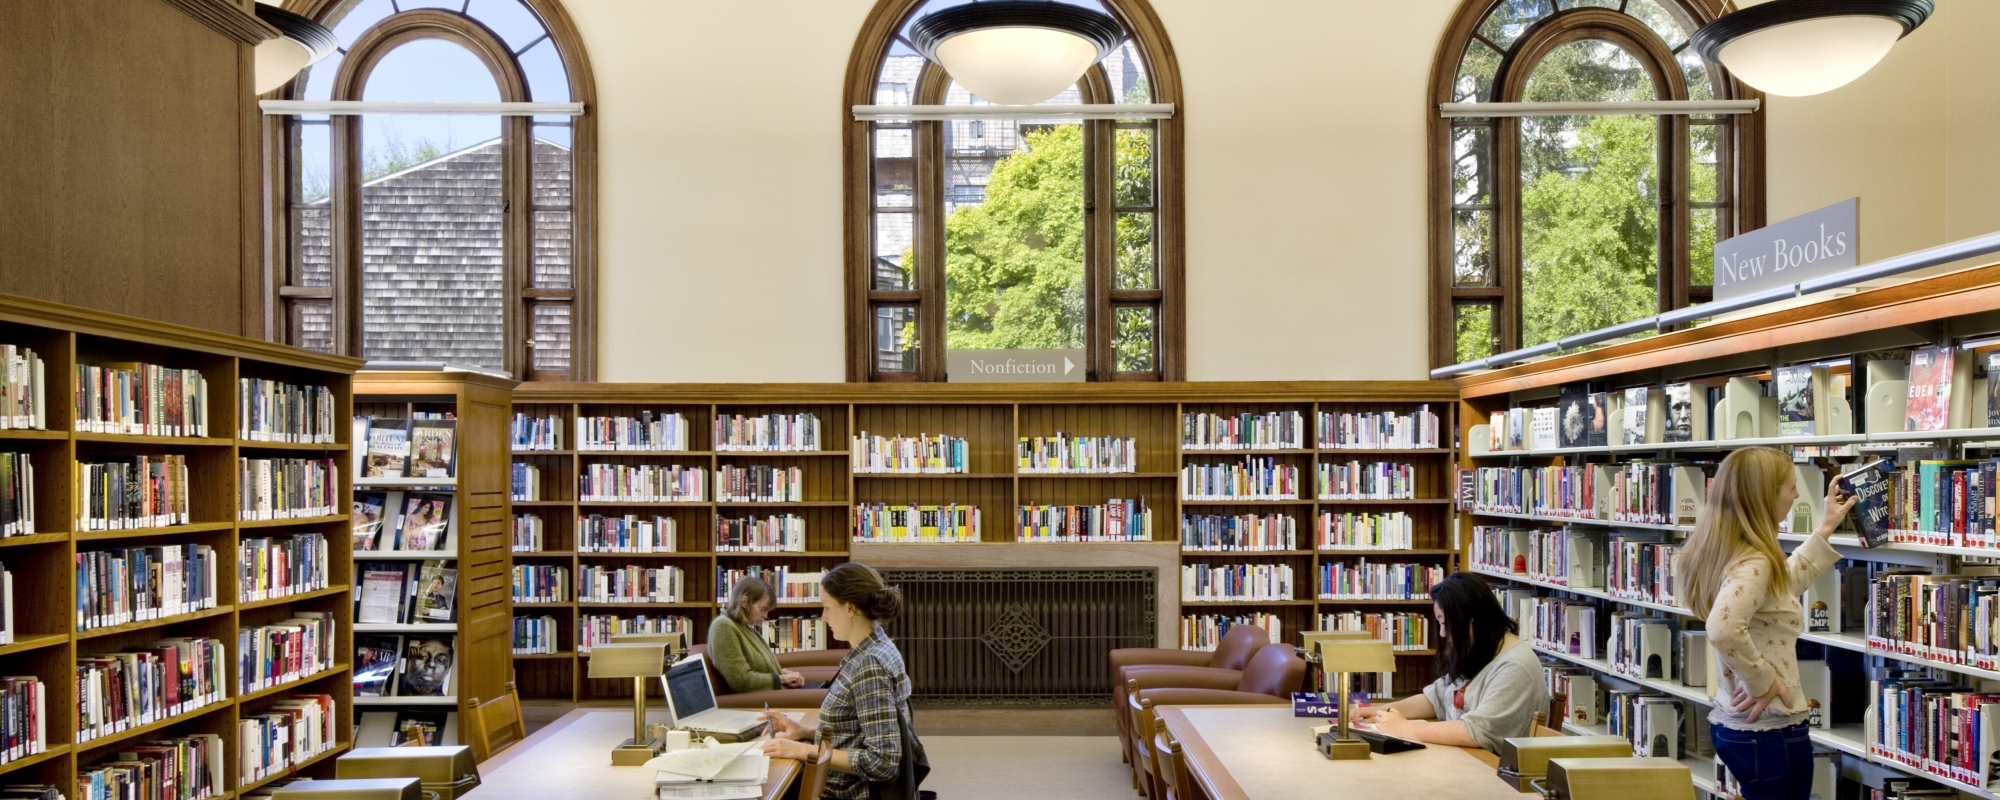 Presidio Branch Library